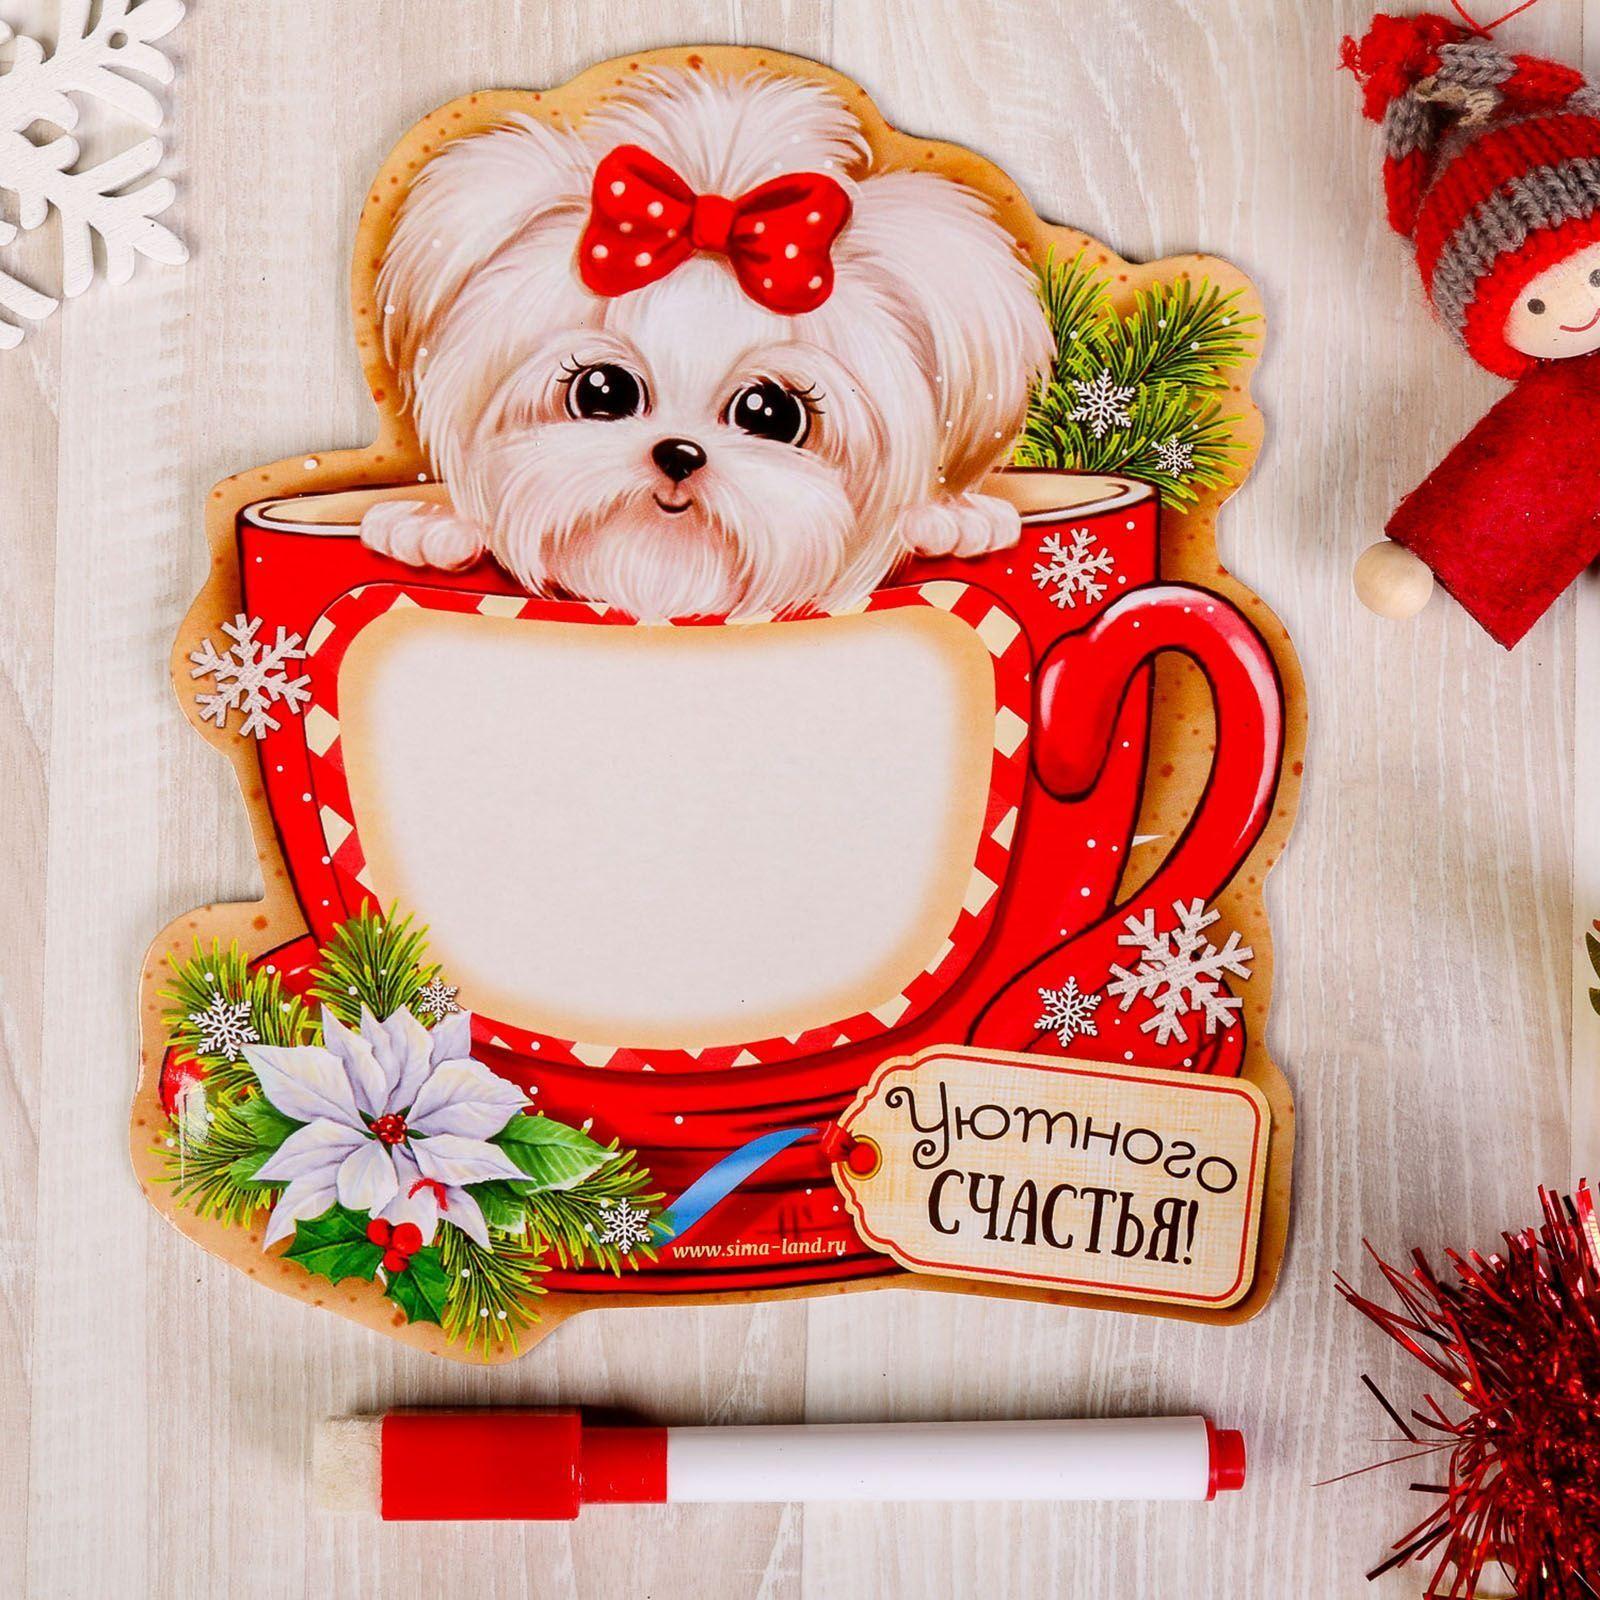 Доска магнитная Sima-land Уютного счастья, 15 х 16 см2196223Порадуйте родных и близких оригинальным сувениром: преподнесите в подарок магнит. С ним даже самый серьёзный человек почувствует себя ребёнком, ожидающим чудо! Создайте праздничное настроение, и оно останется с вами на весь год.